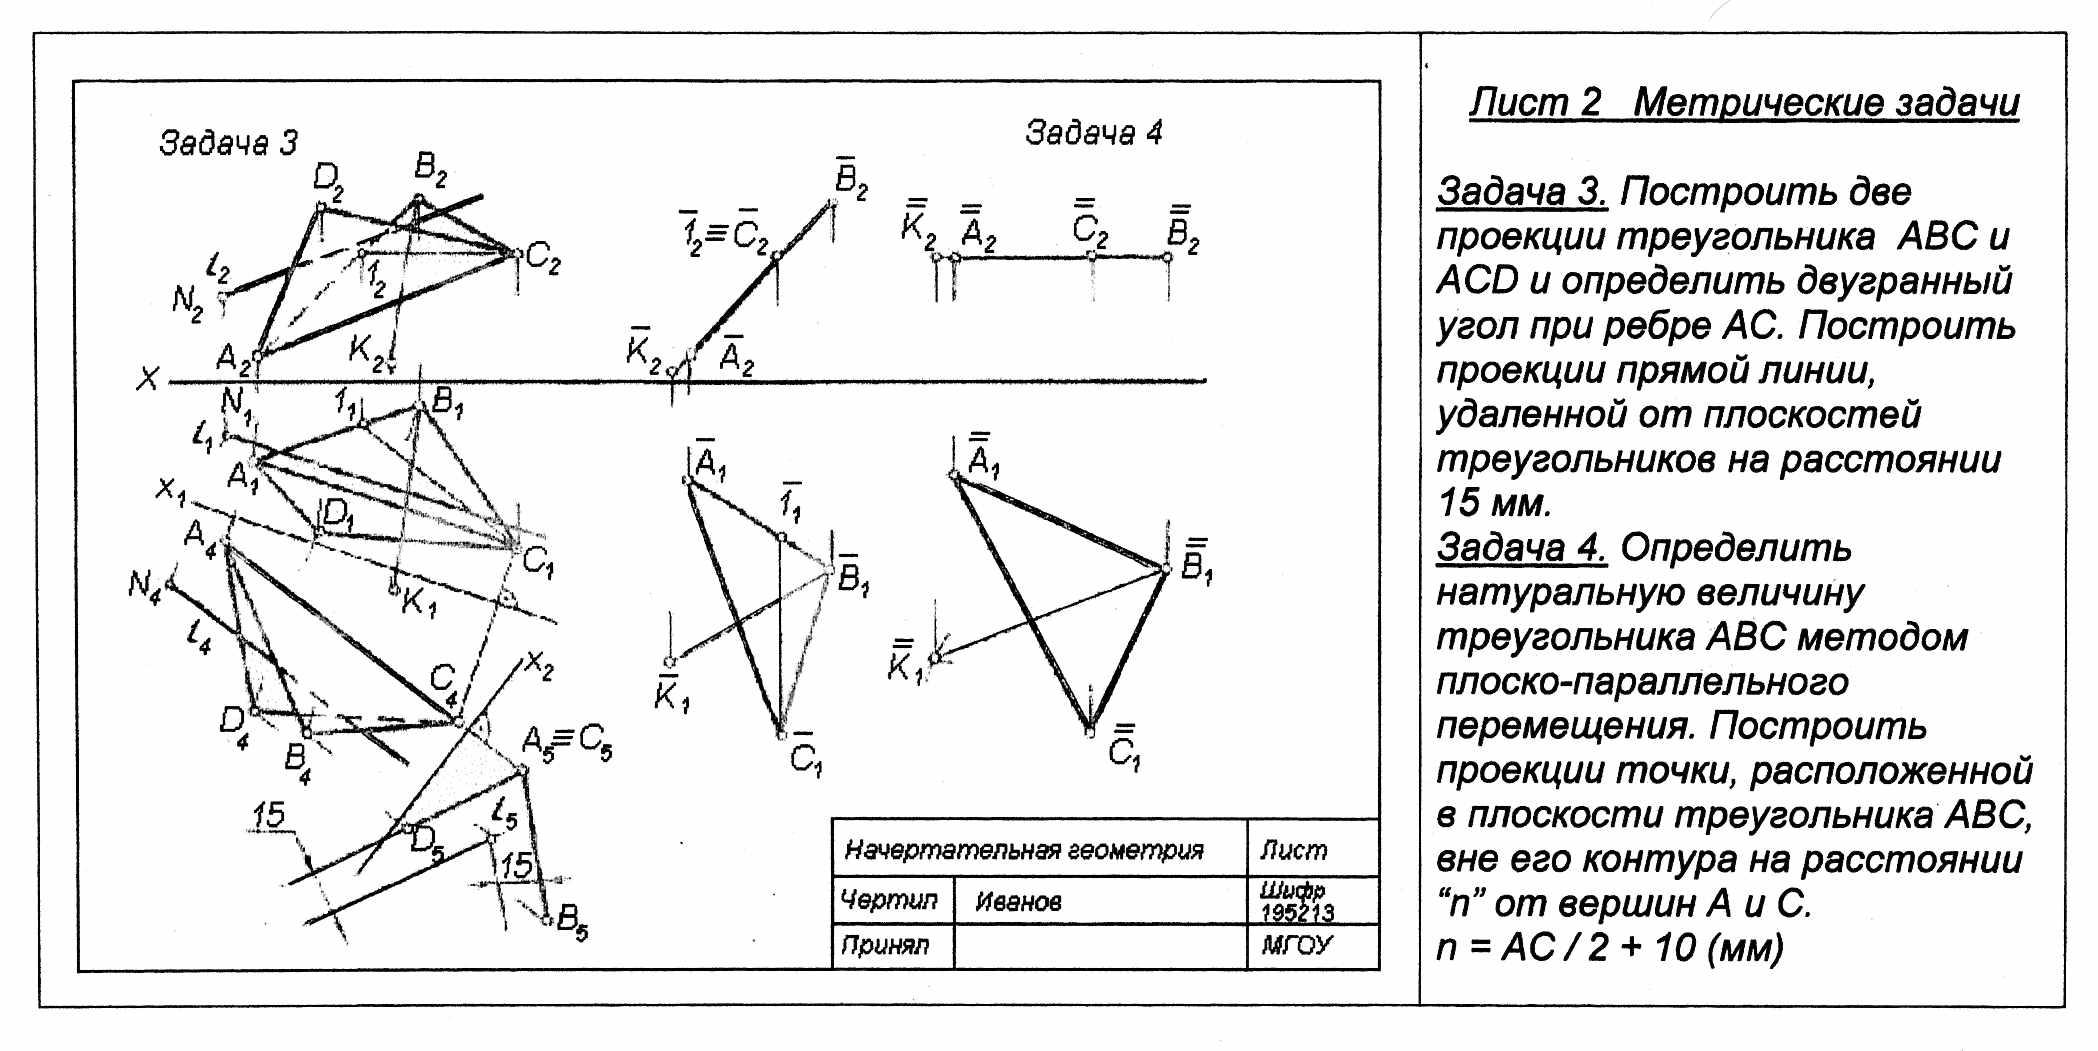 Начертательная геометрия рабочая тетрадь решебник дгту